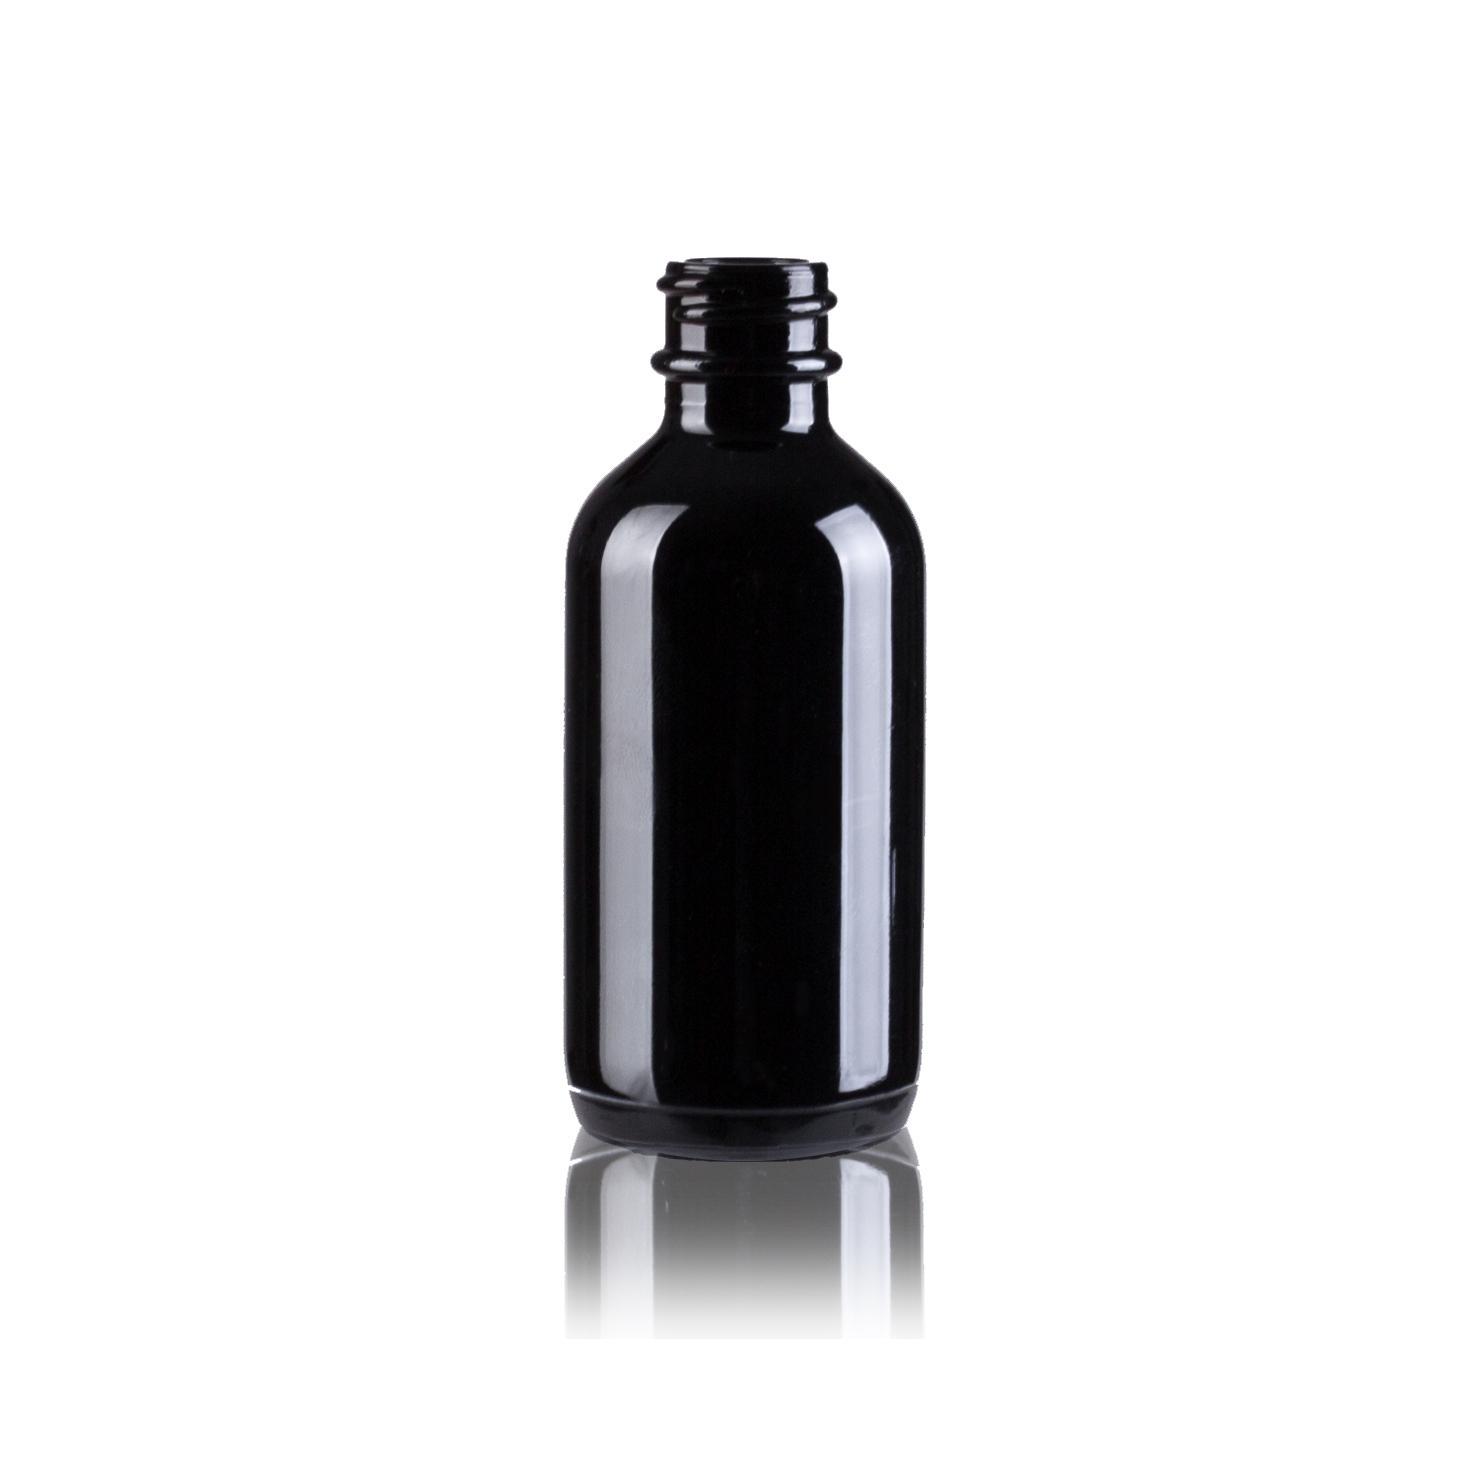 Black color glass bottle 4